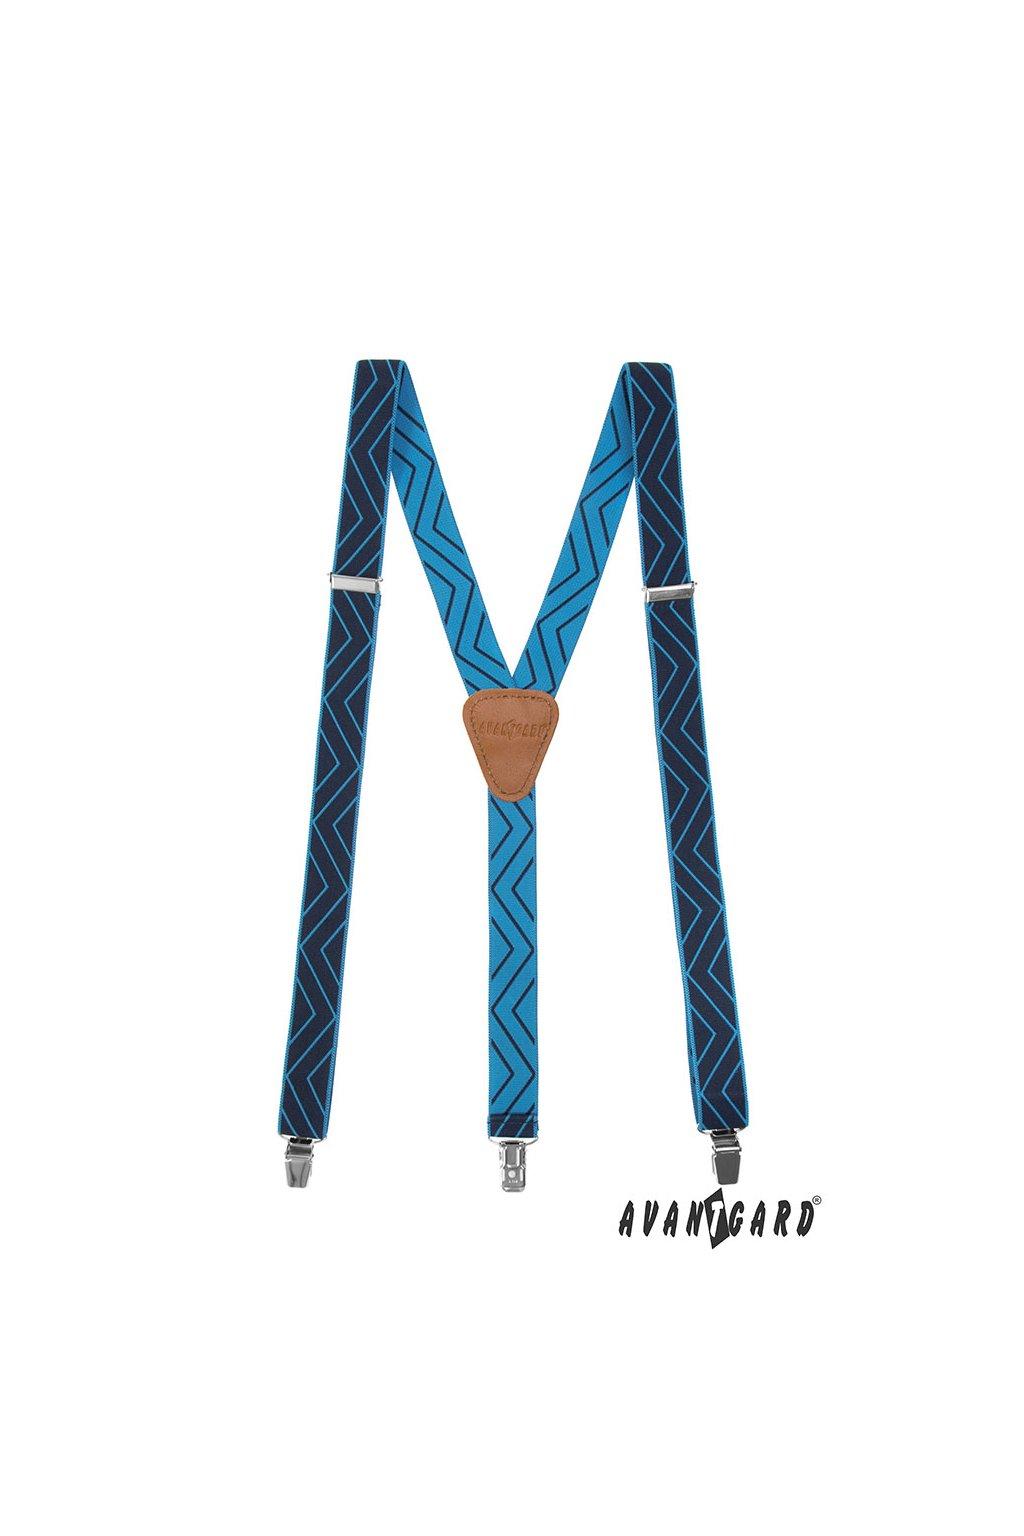 Šle Y s koženým středem a zapínáním na klipy - 25 mm, 867-312569, Tmavě modrá, koňaková kůže